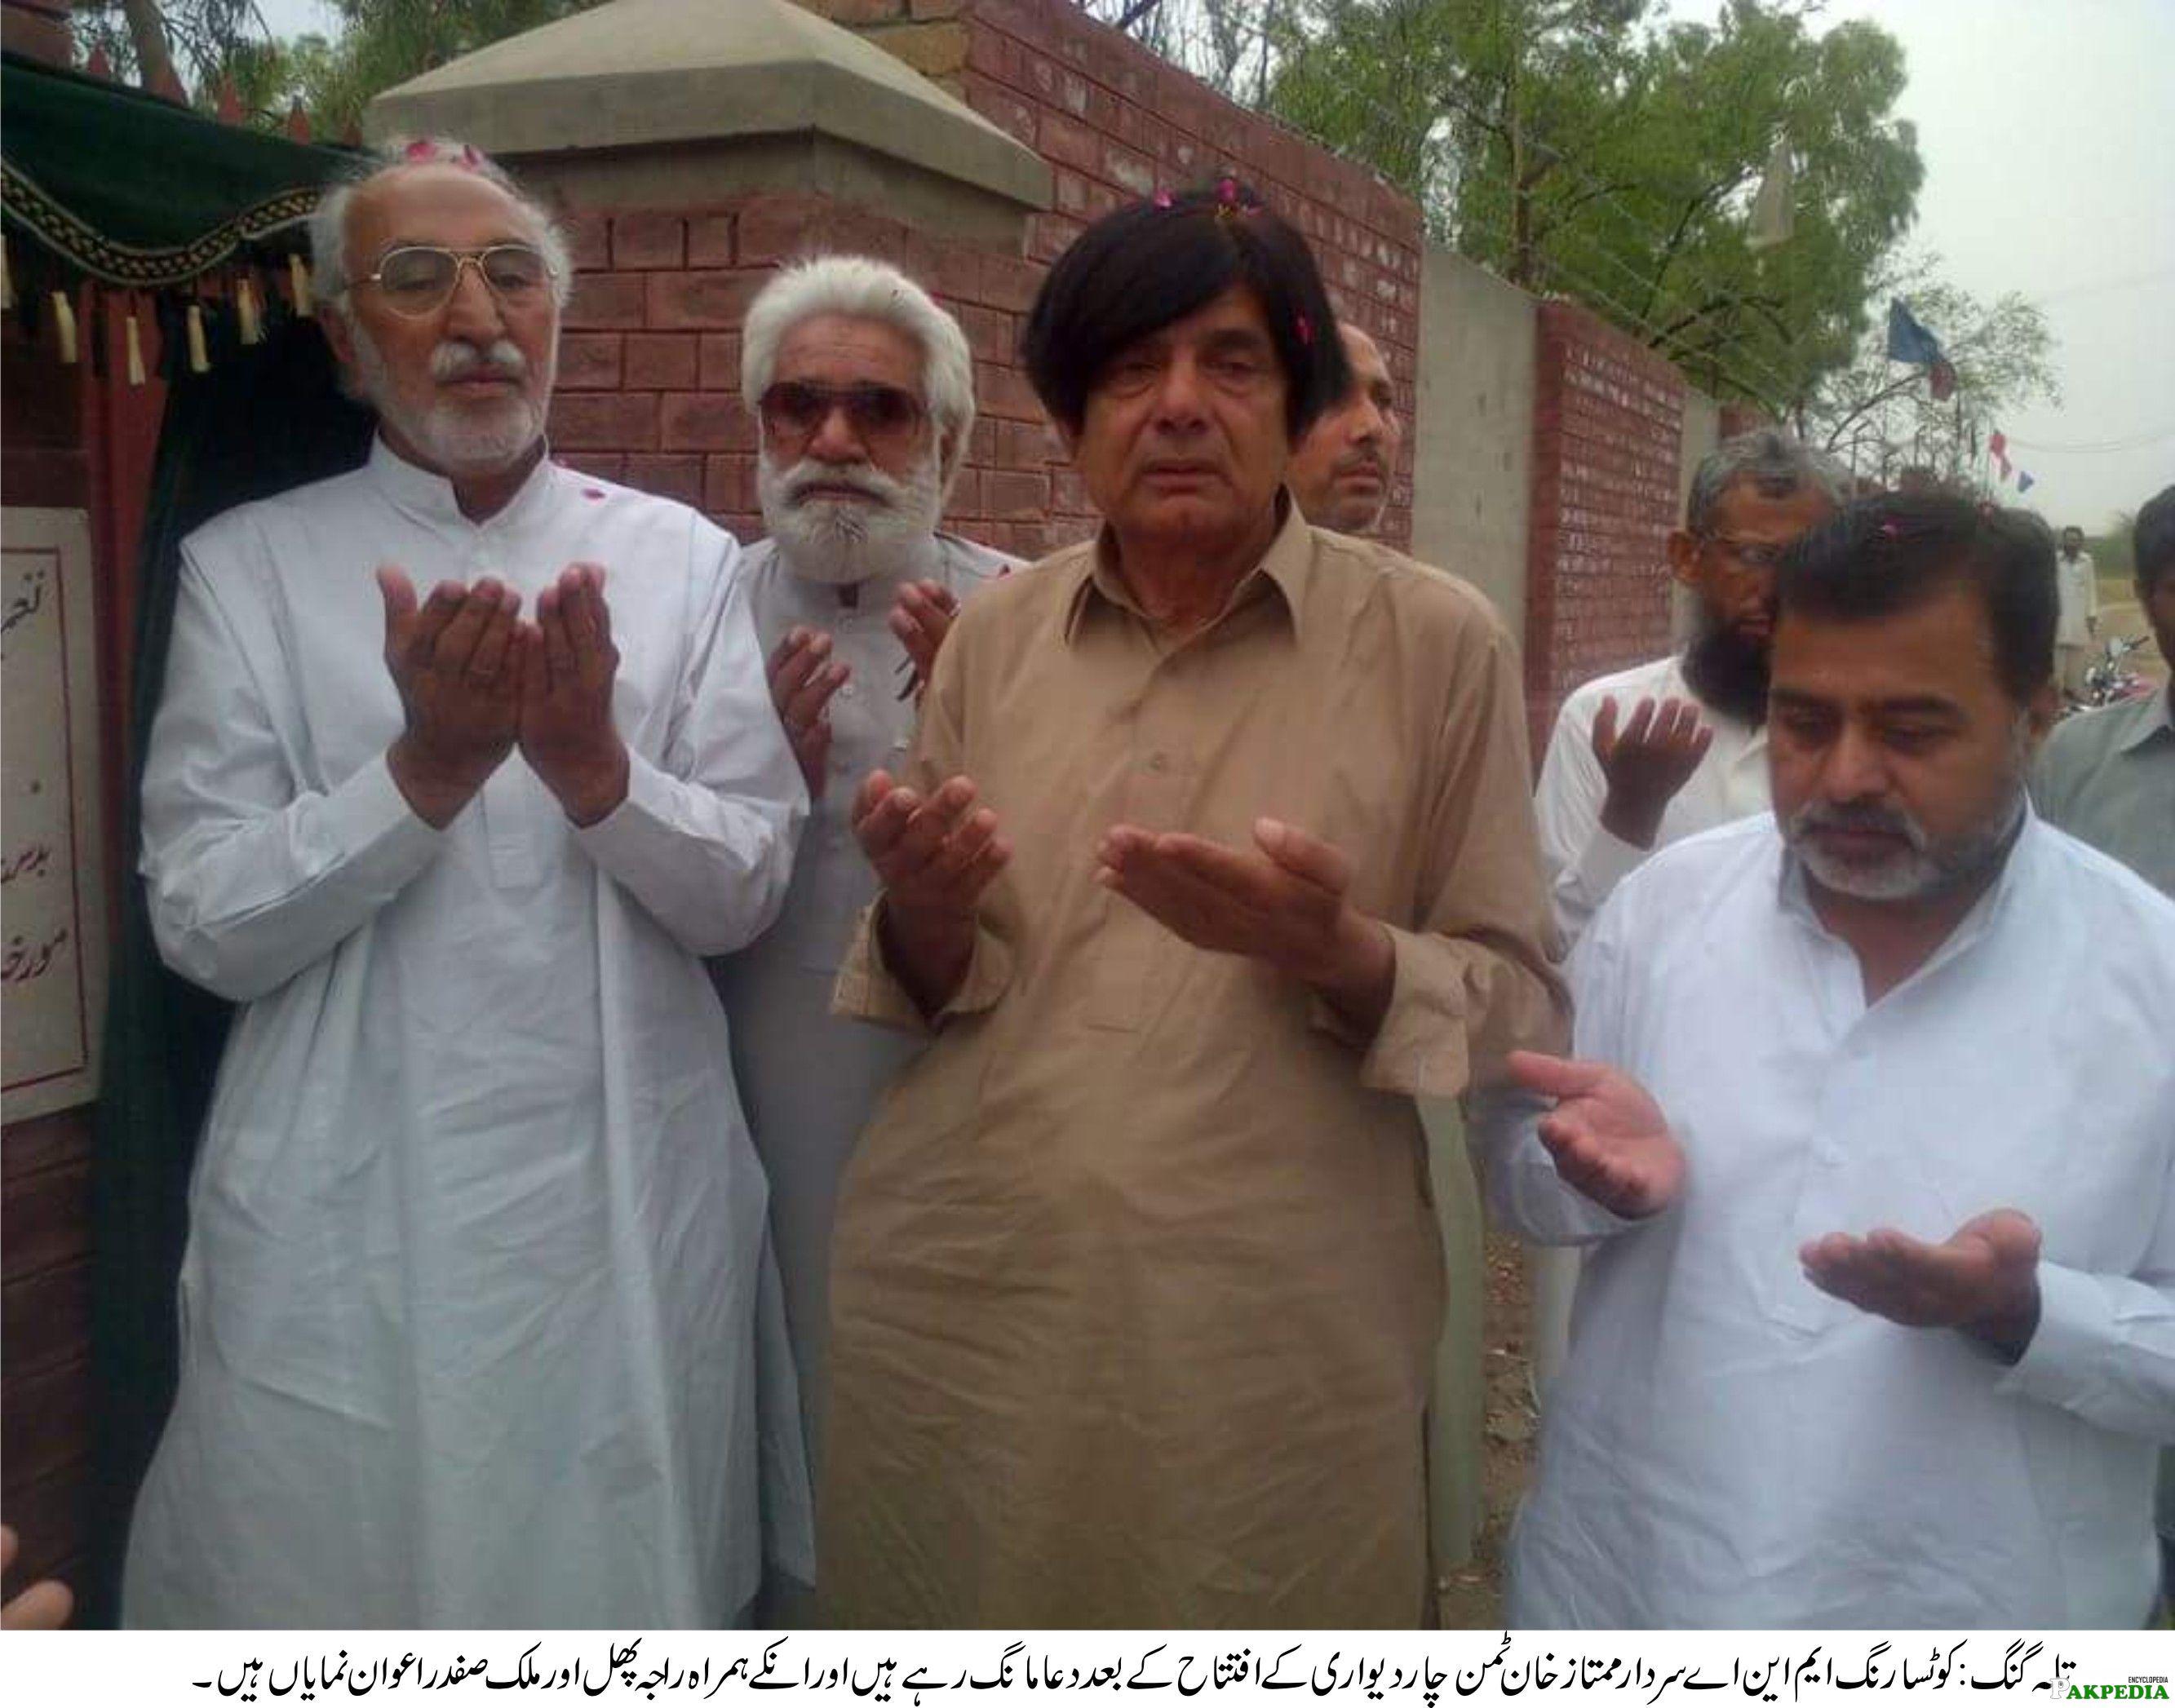 Sardar Mumtaz with Friends